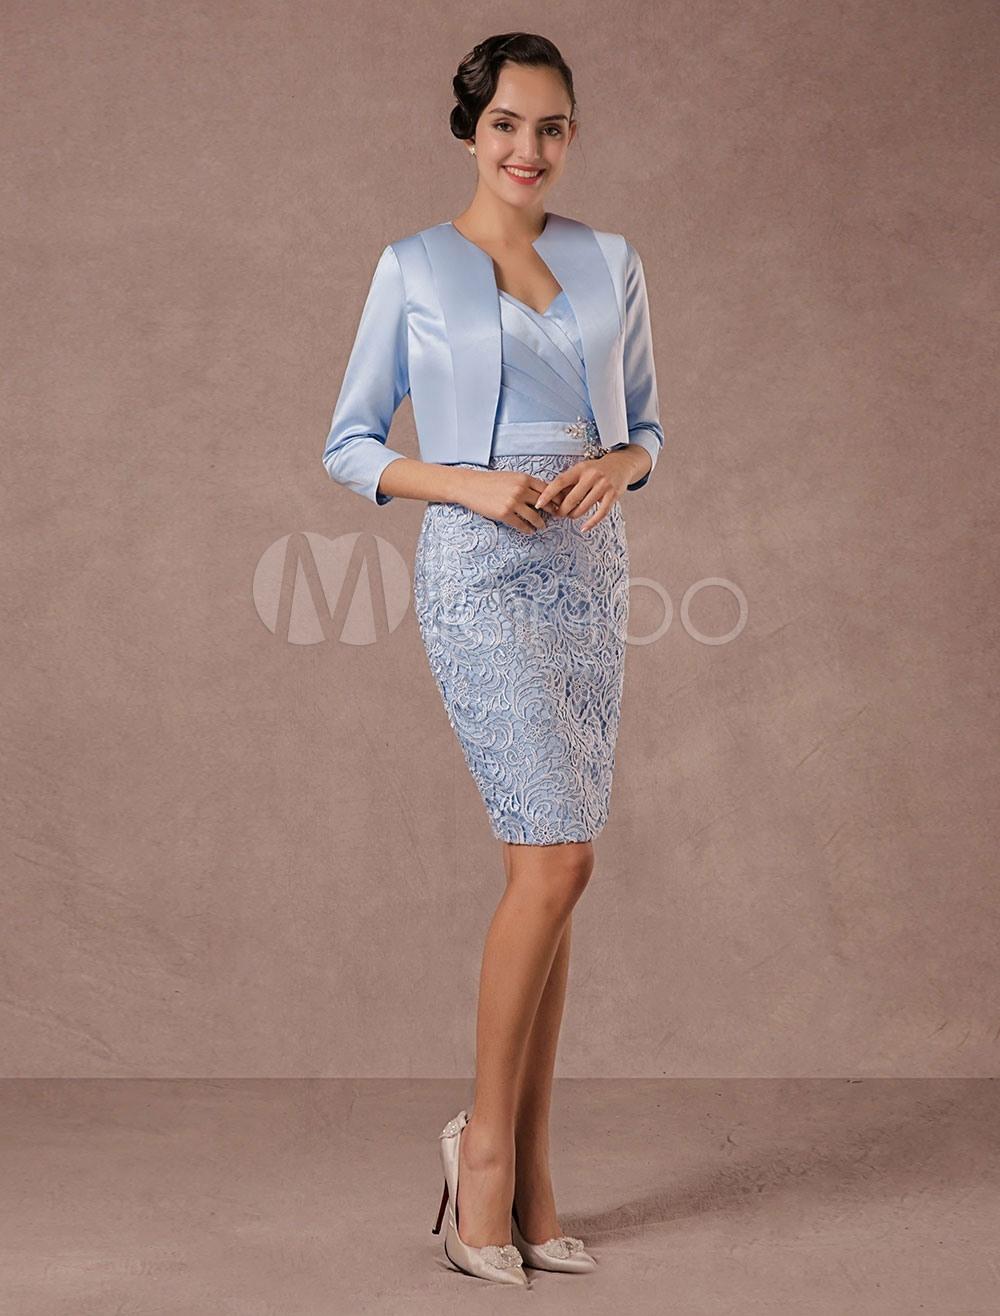 Kleider Besondere Für Abendkleid Leicht Spezialgebiet Damen Anlässe WDH2YIEbe9